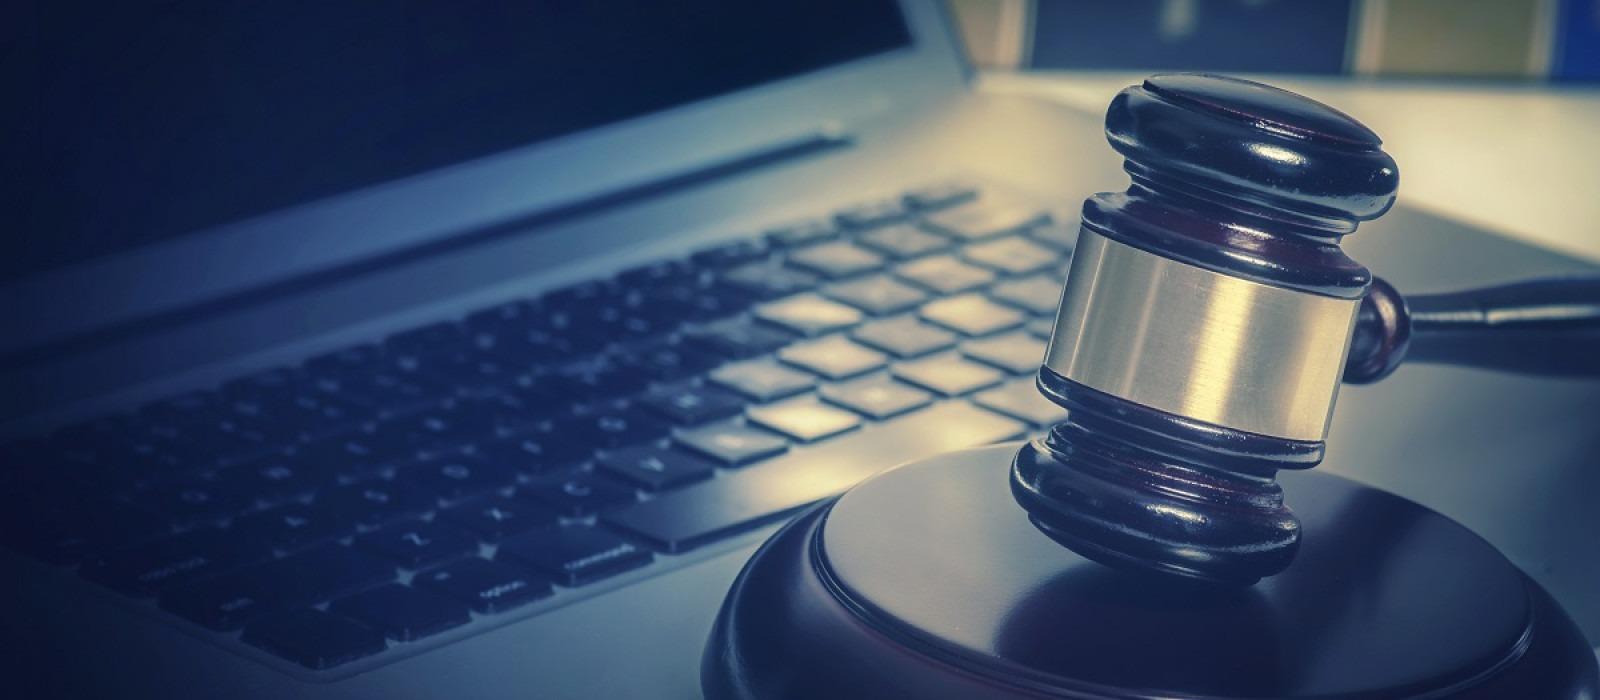 e- Δικαιοσύνη: Διαγωνισμός- μαμούθ για «ηλεκτρονικοποίηση» 321 ποινικών και πολιτικών Δικαστικών Υπηρεσιών